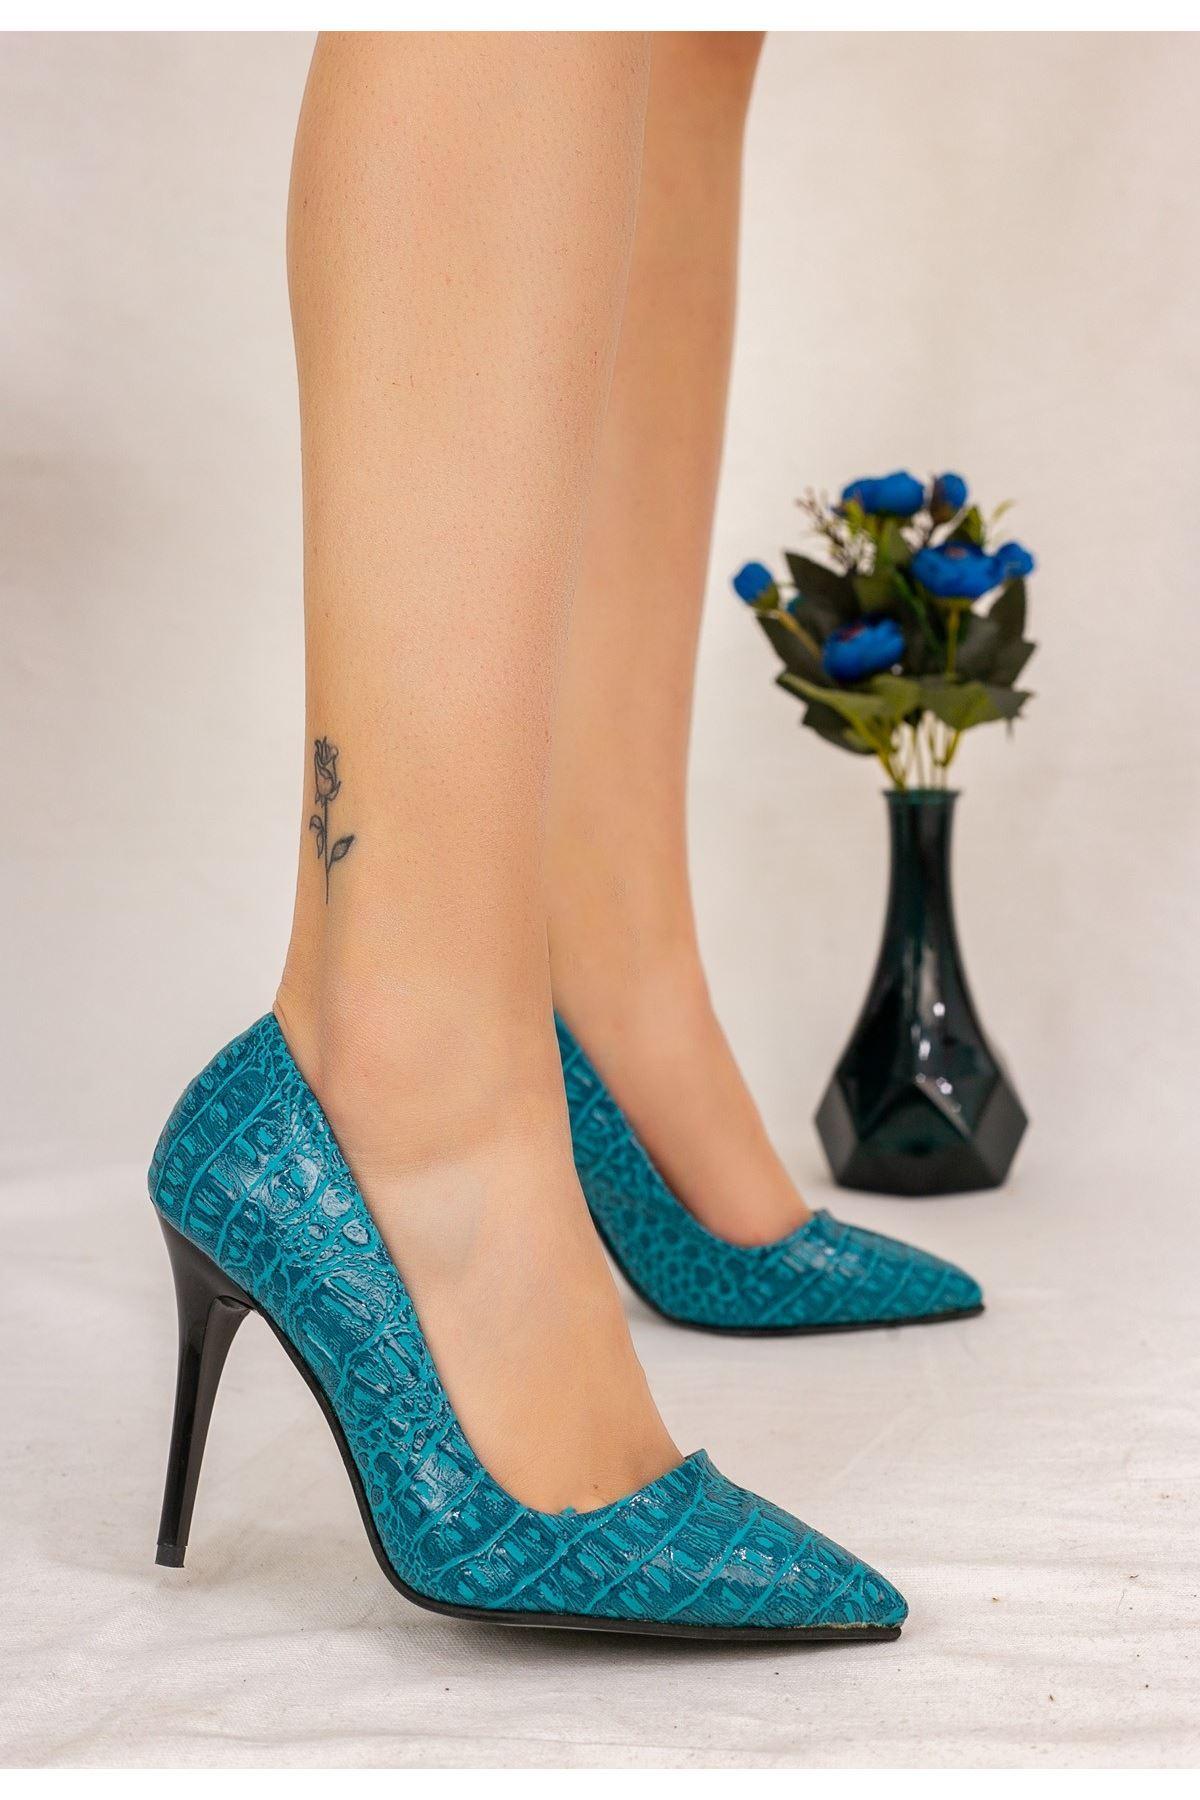 Reme Turkuaz Cilt Desenli Stiletto Ayakkabı